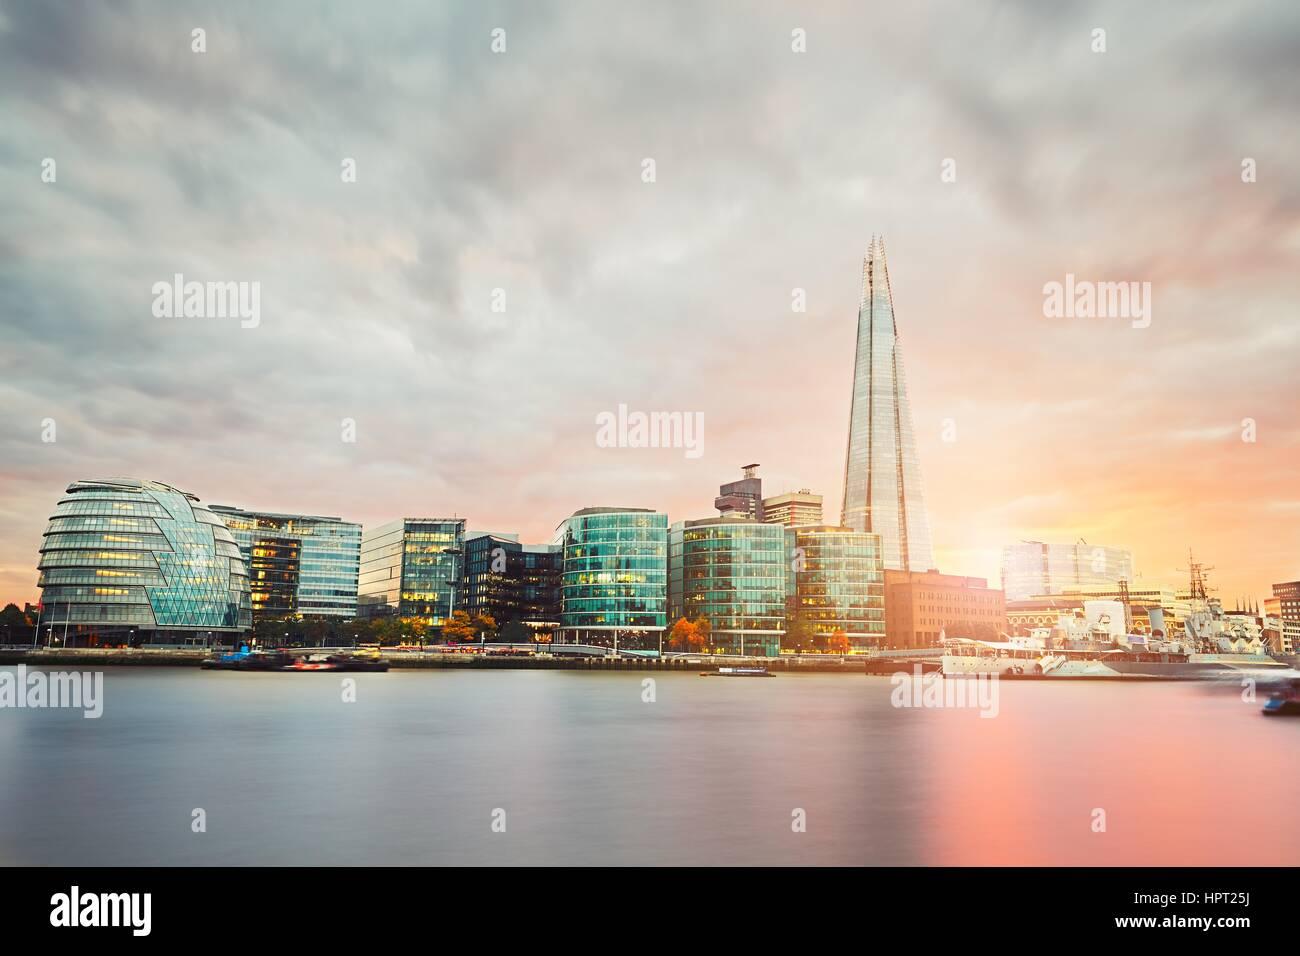 Skyline londinense con el Ayuntamiento y Shard en el sunset - El Reino Unido de Gran Bretaña e Irlanda del Imagen De Stock